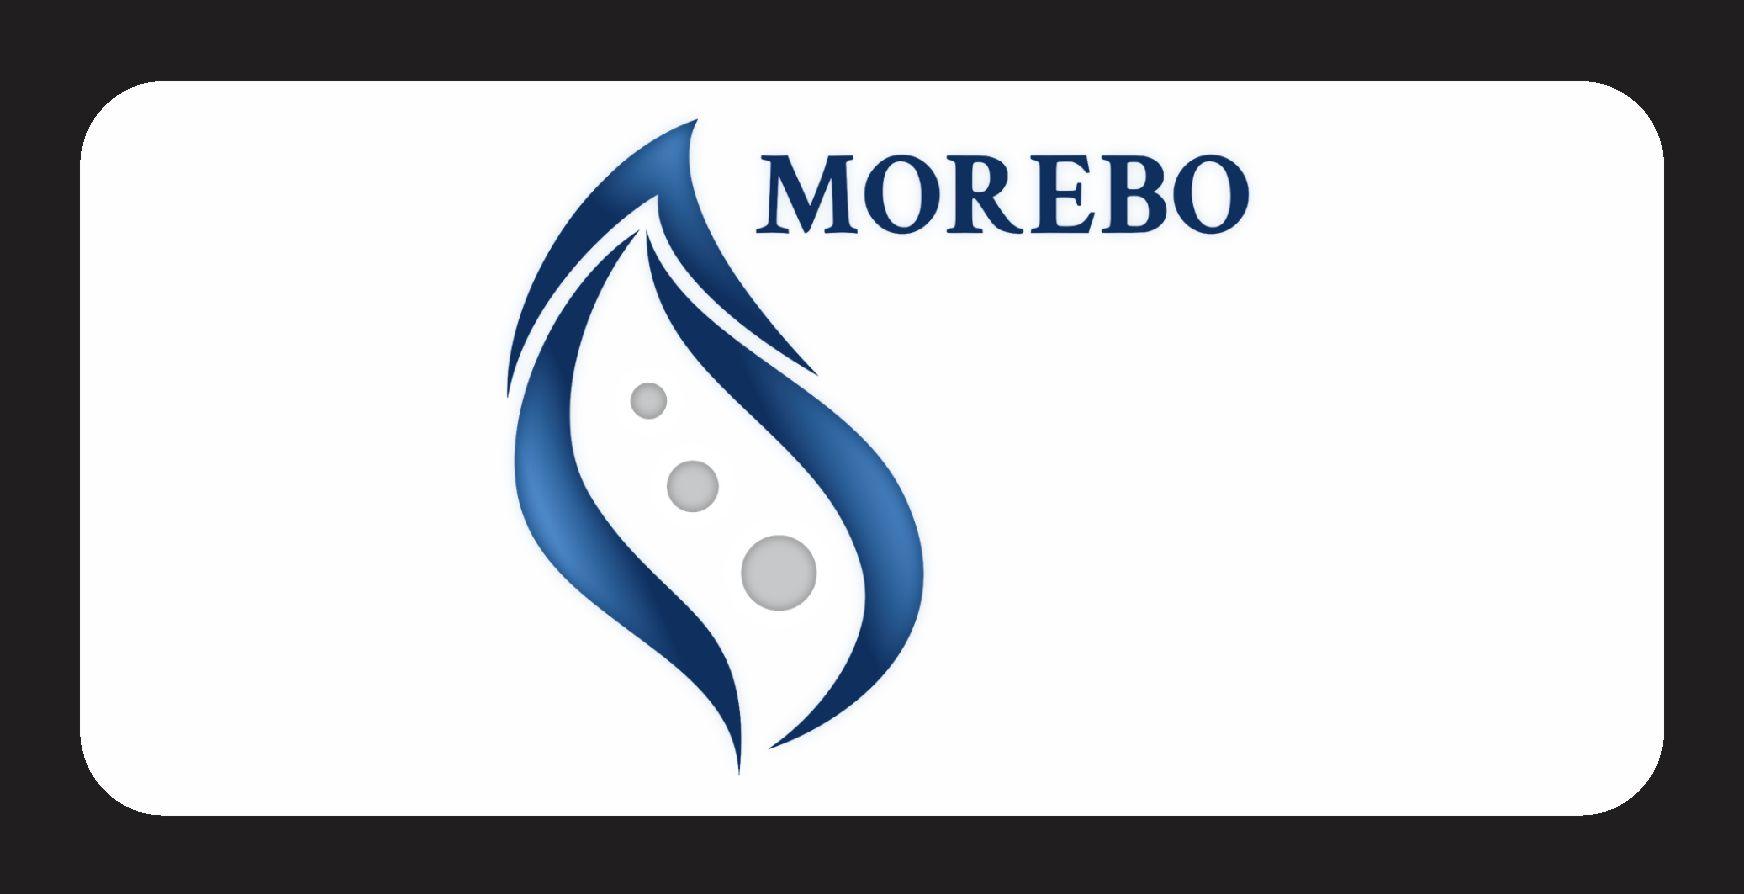 Morebo